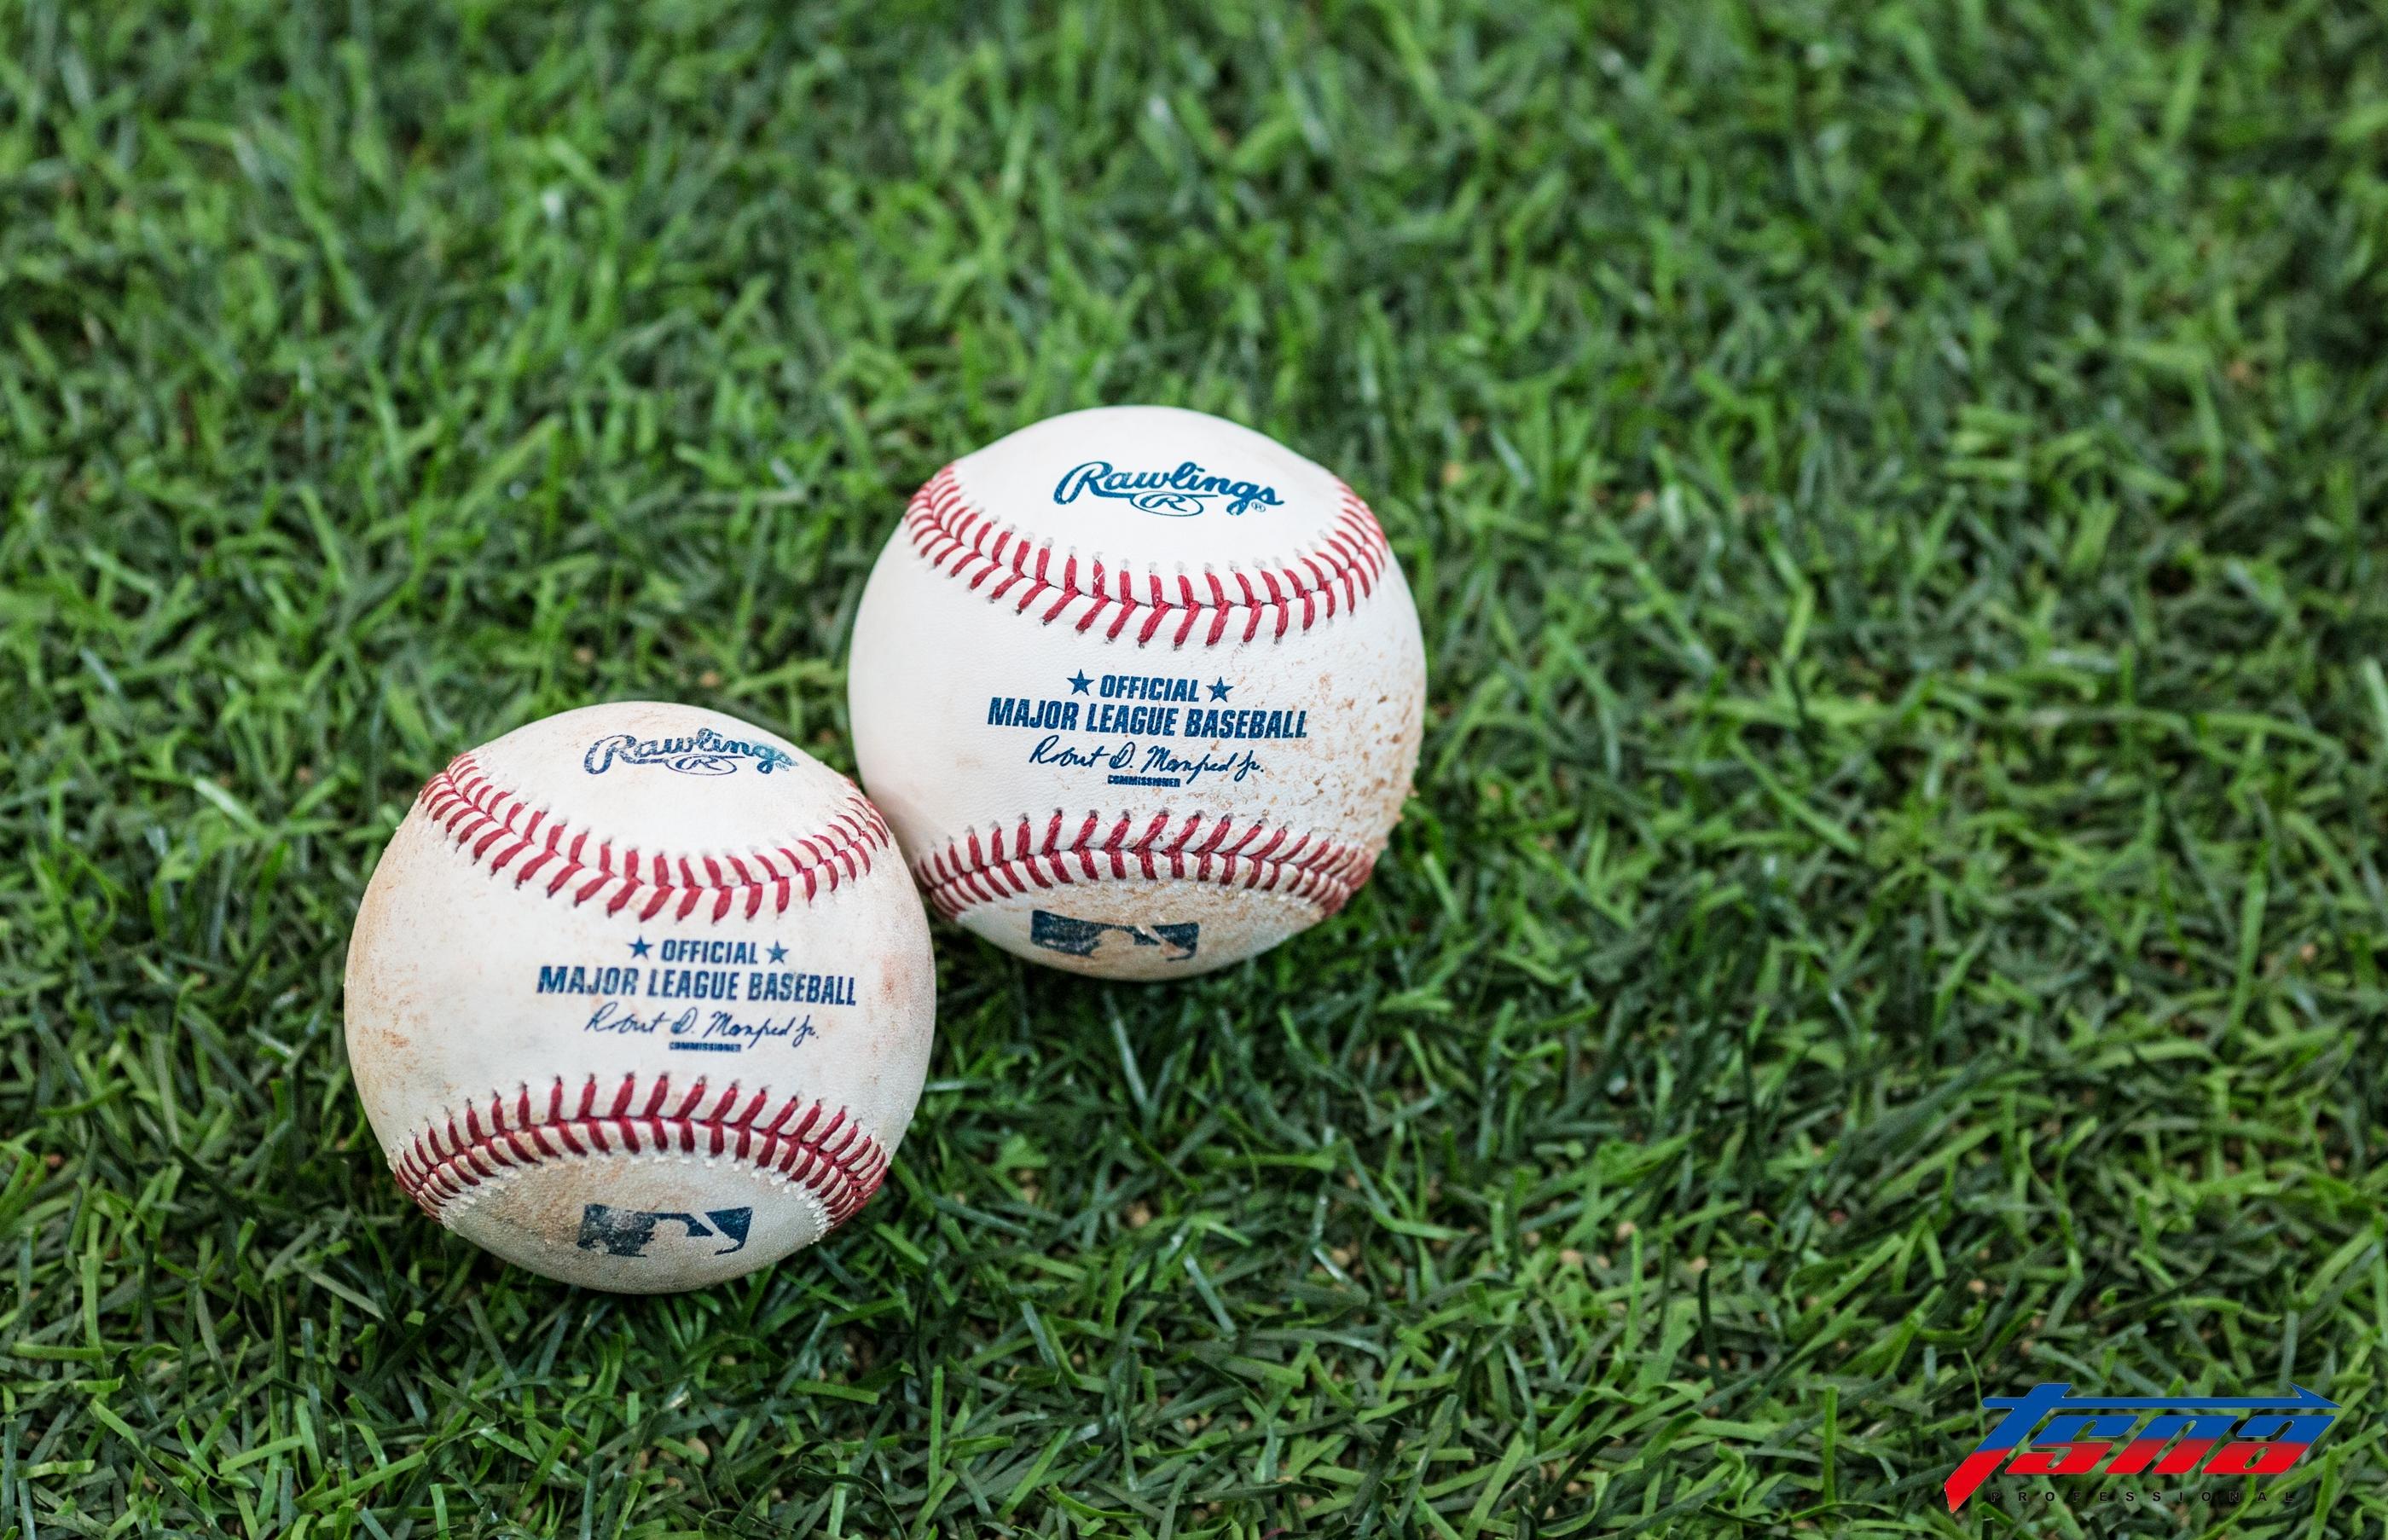 棒球。(資料照,特派記者侯禕縉/首爾現場拍攝)